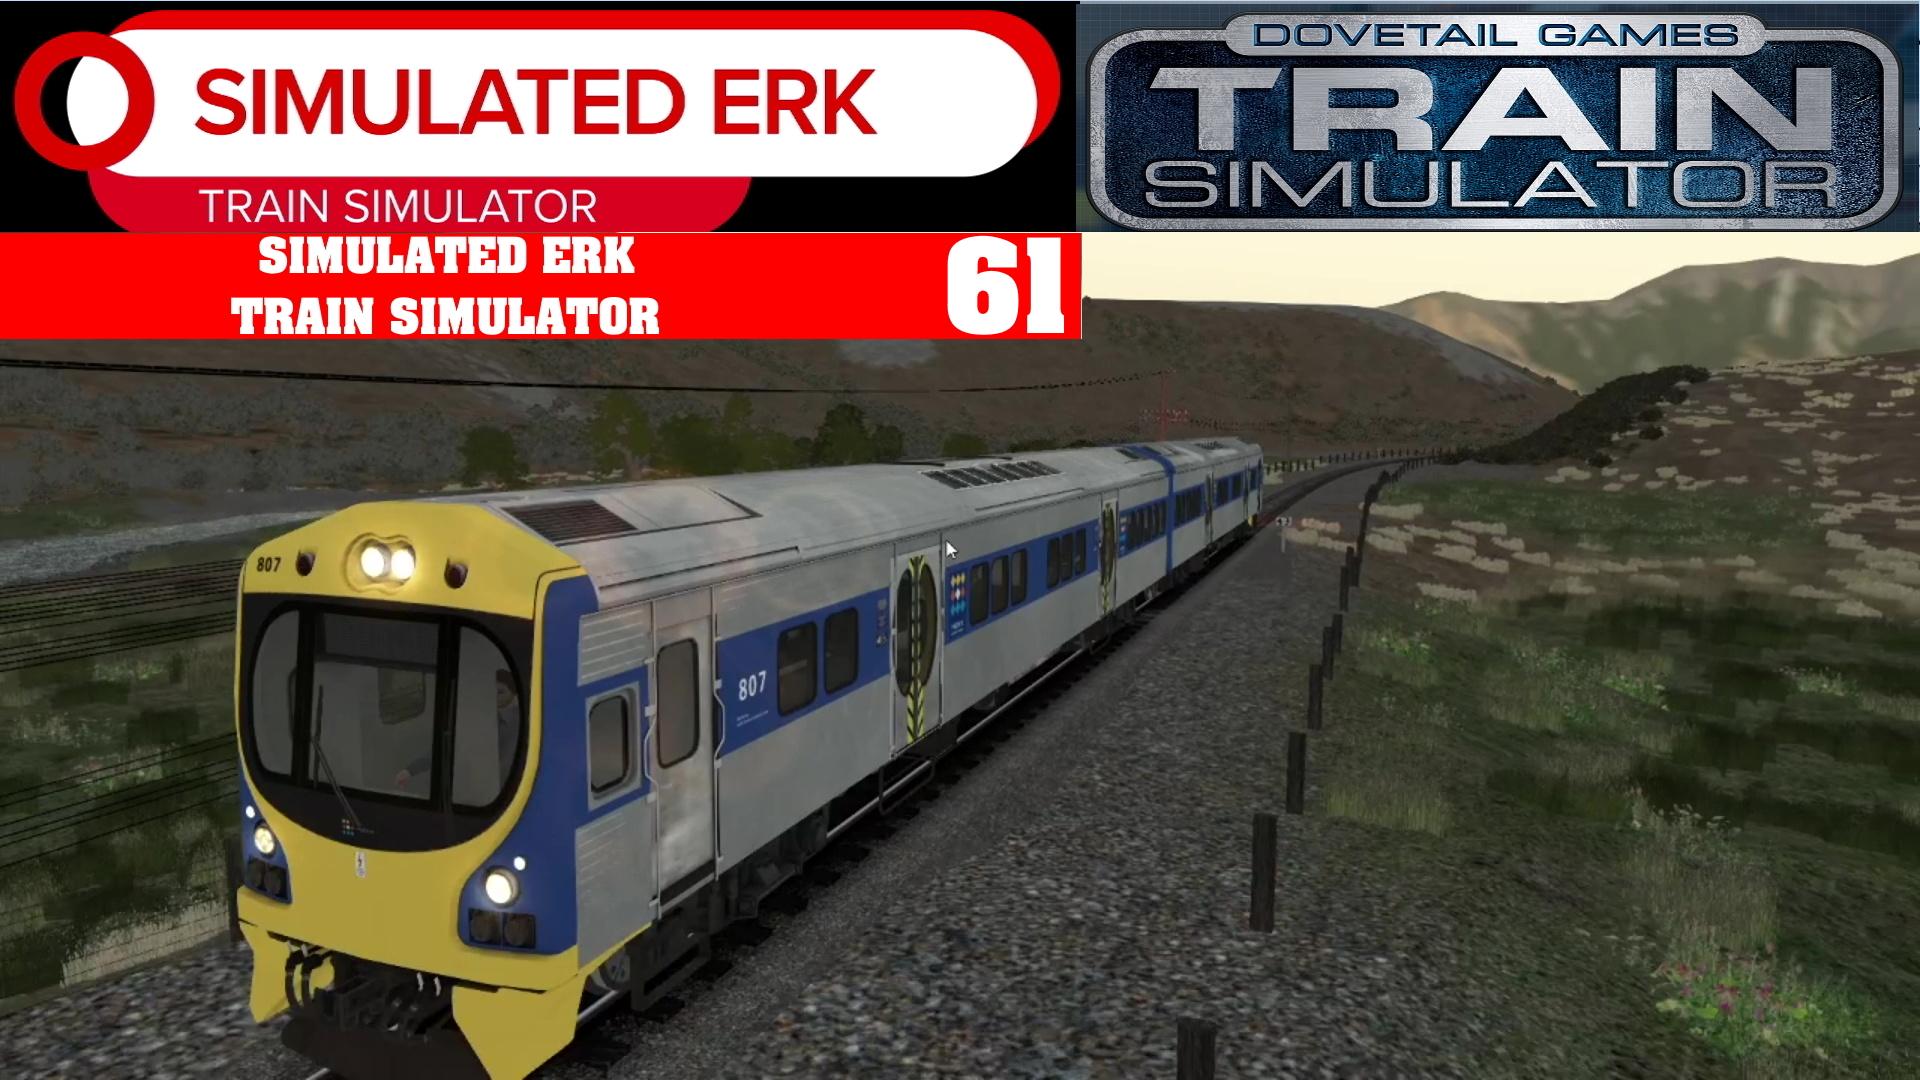 Simulated Erk: Train Simulator episode 61 | Kiwi Midland Introduction